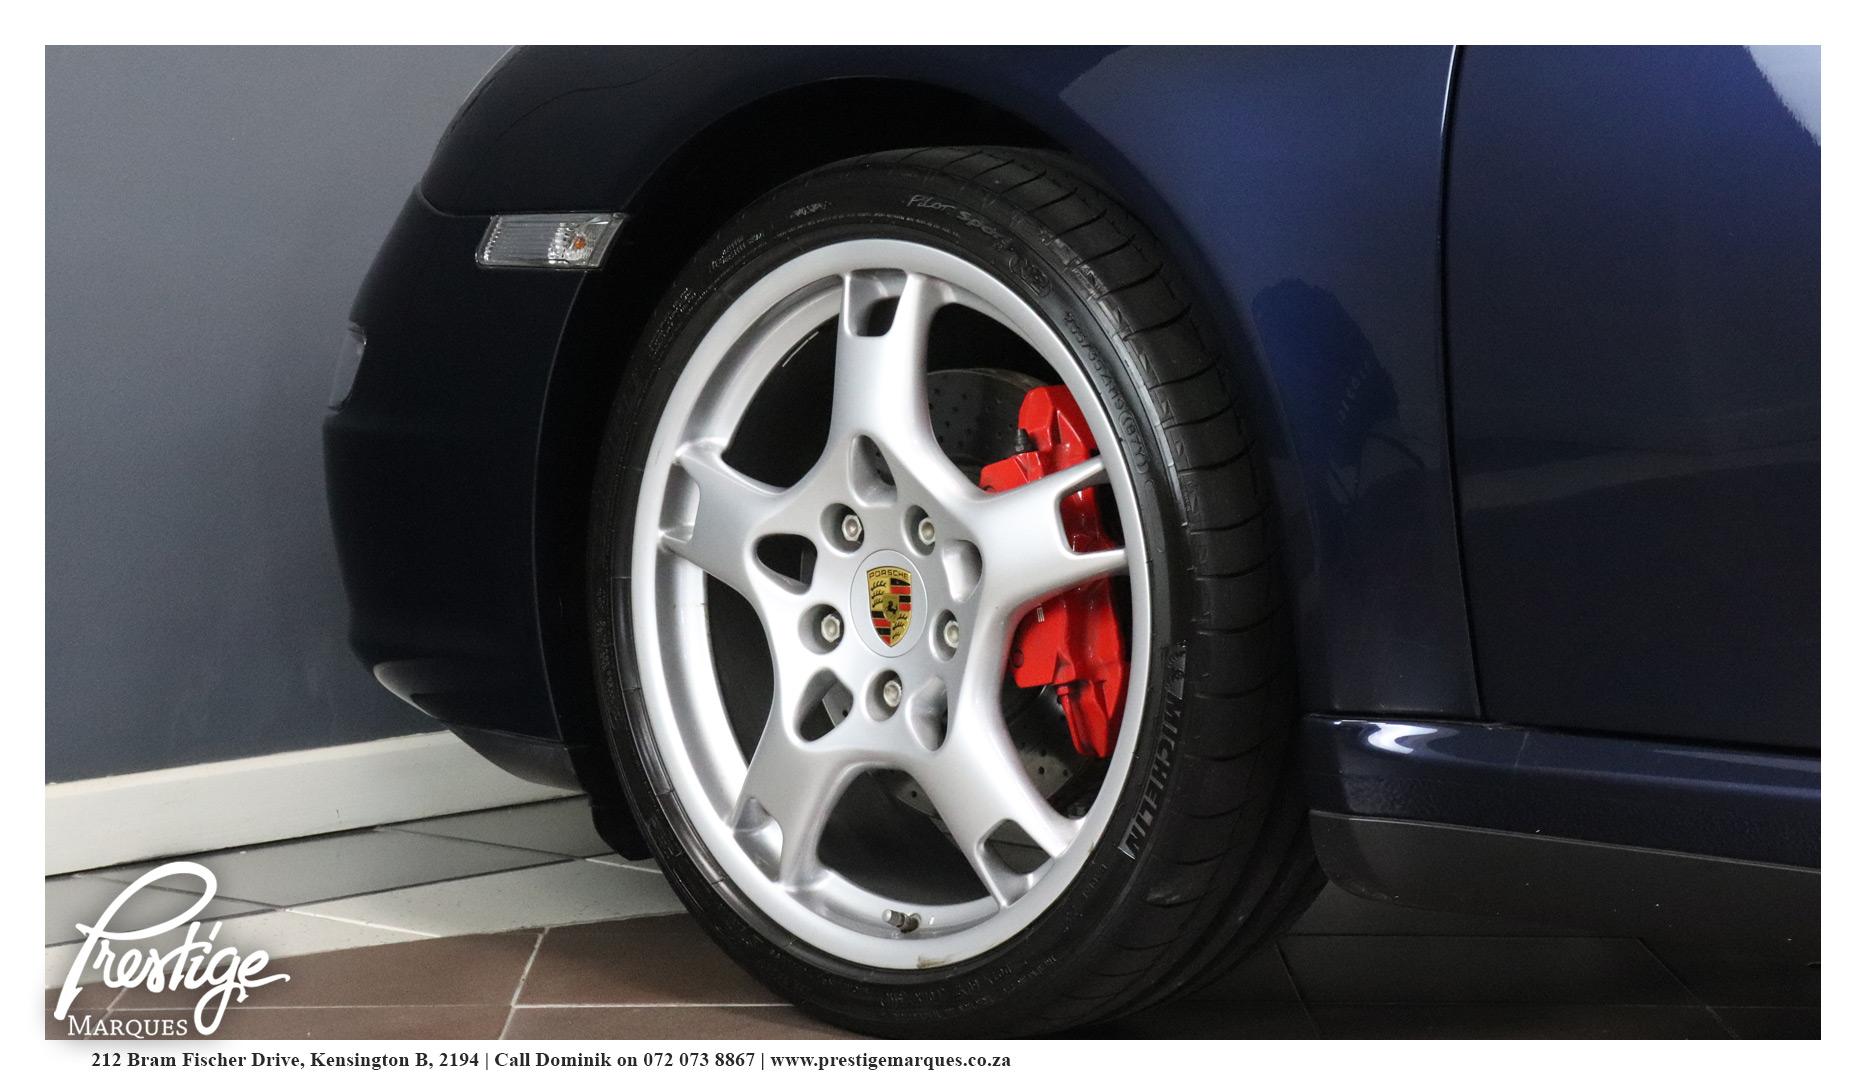 2007-Porsche-911-997-Carerra-4s-manual-prestige-marques-randburg-sandton-11